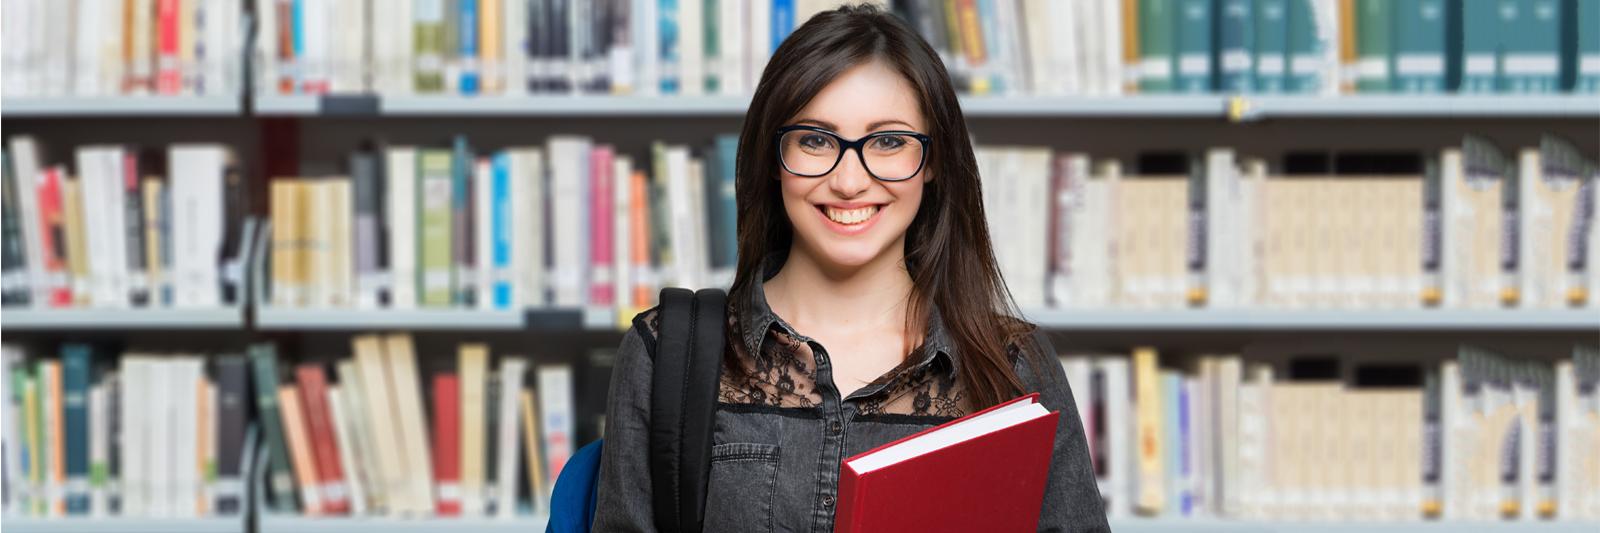 Cursos de graduação e pós com até 80% de desconto